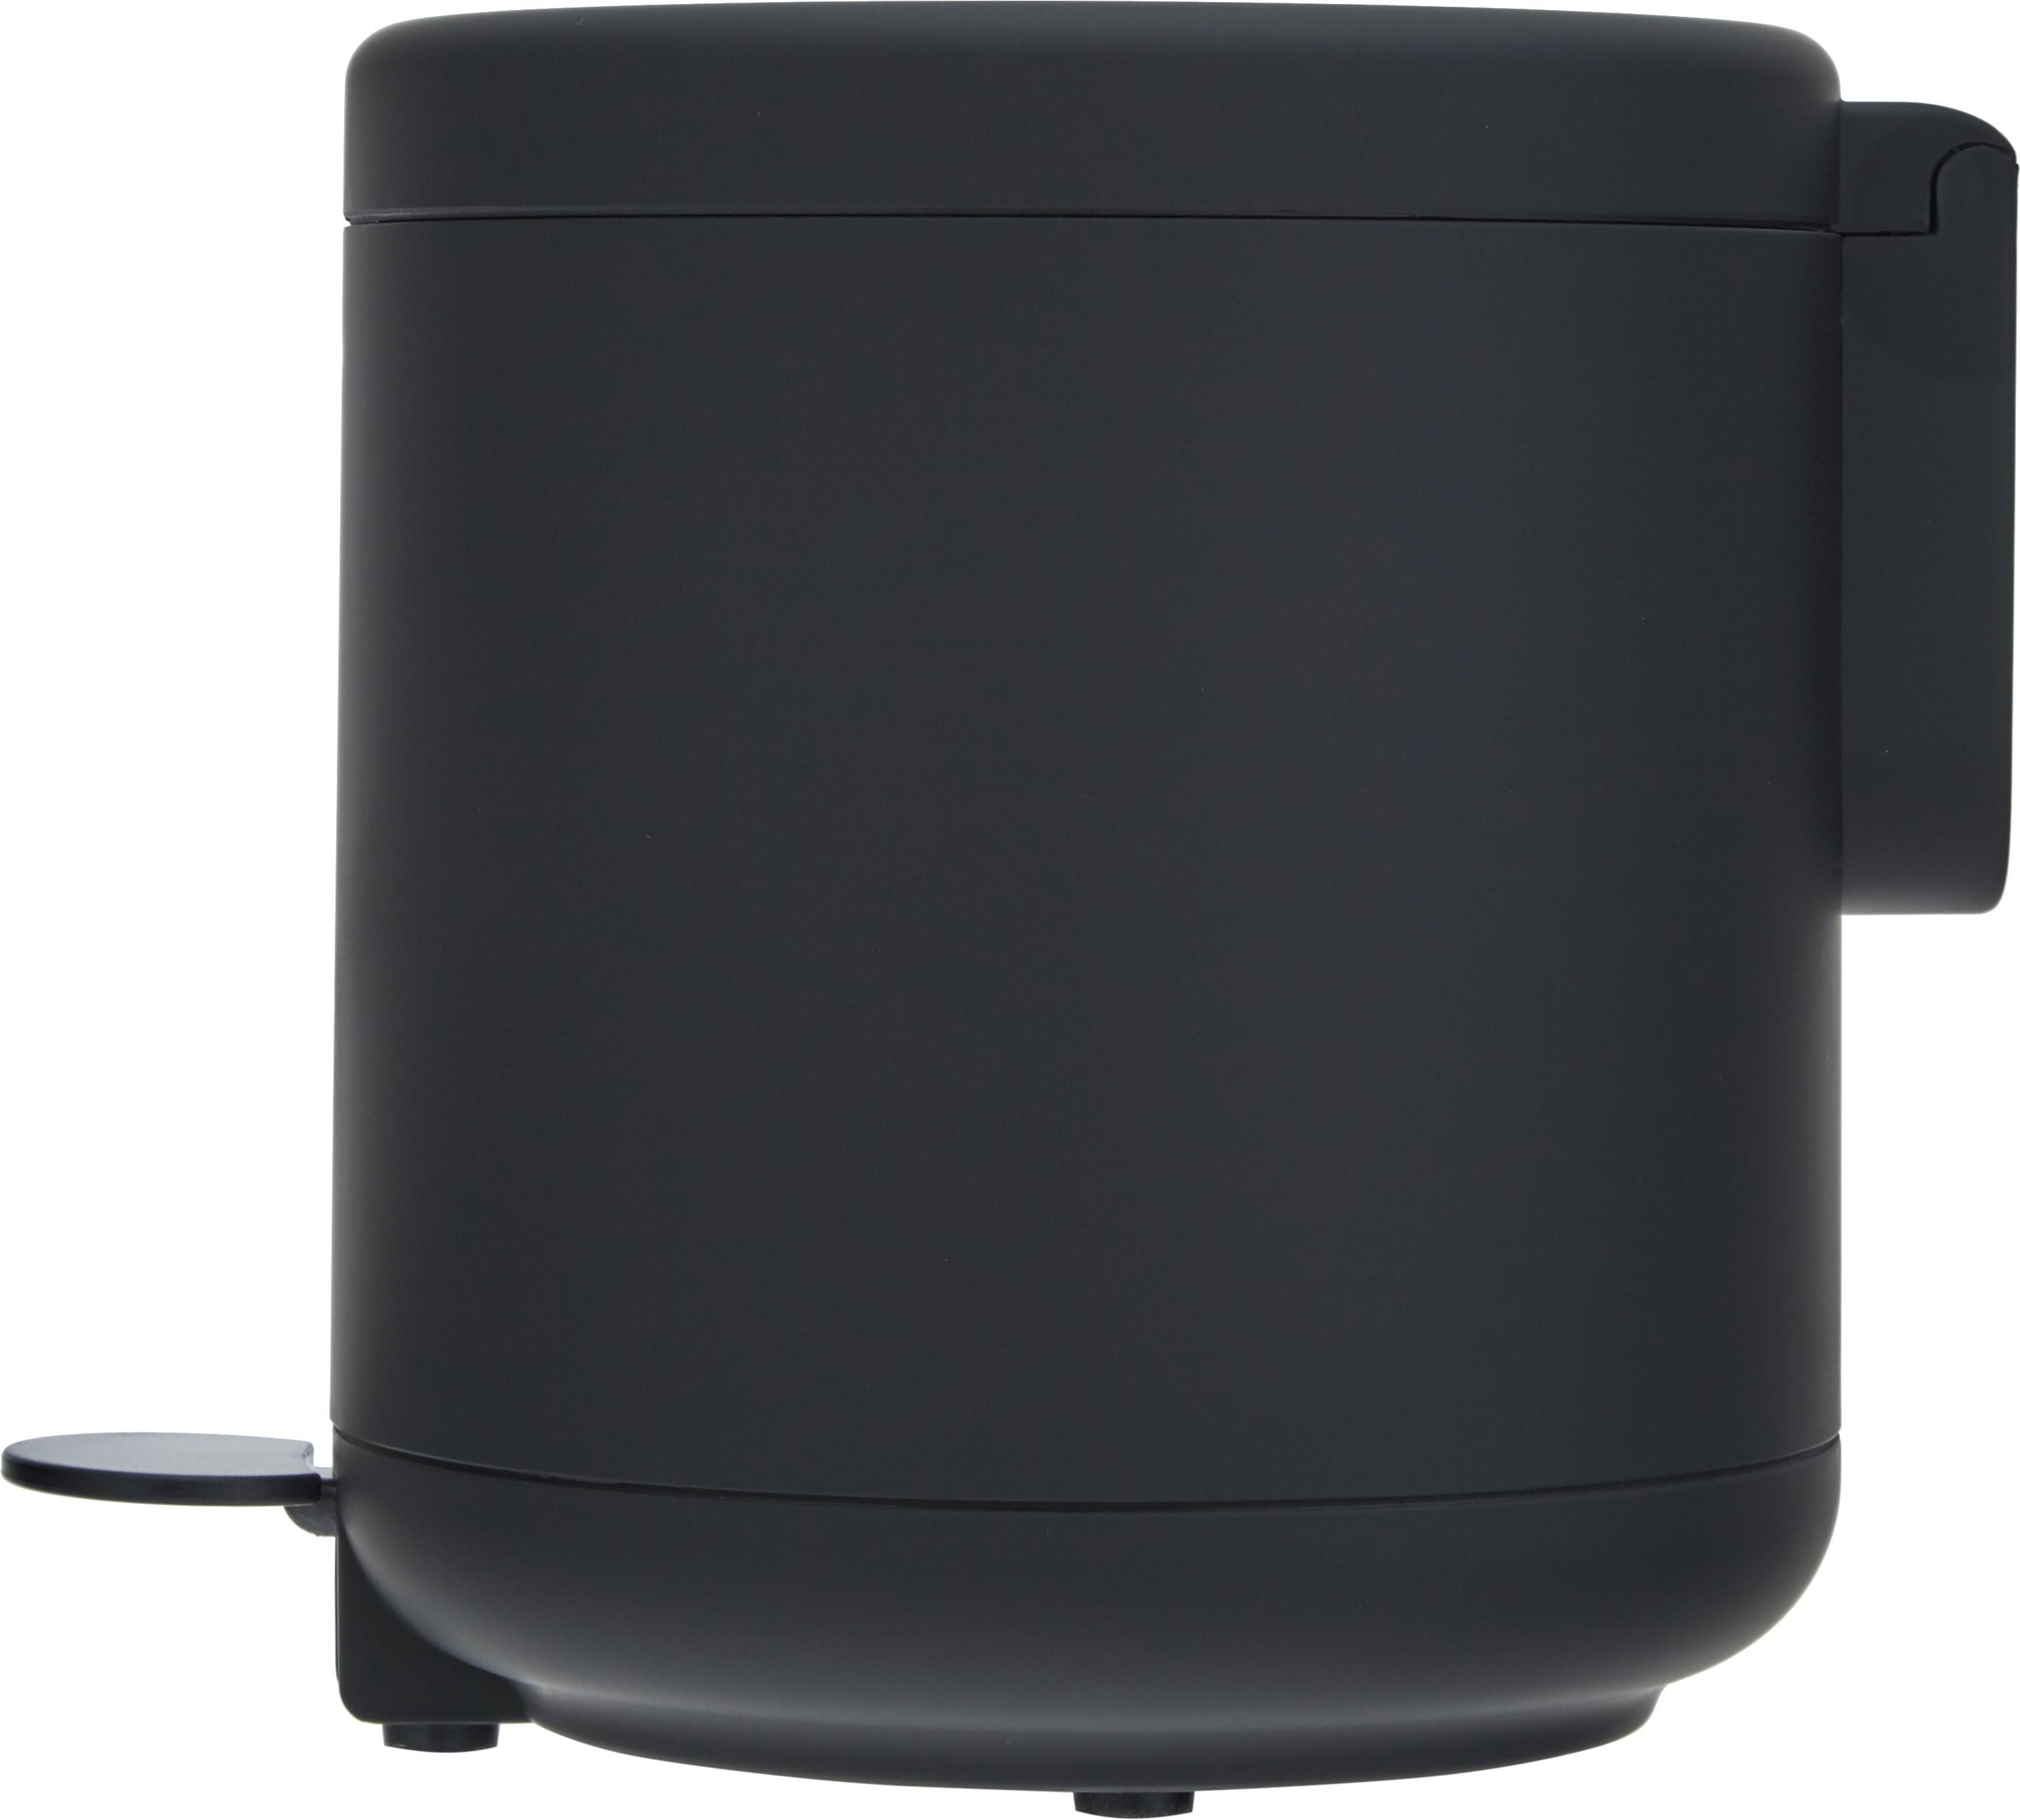 Kosz na śmieci Omega, Tworzywo sztuczne (ABS), Czarny, matowy, Ø 20 x W 22 cm